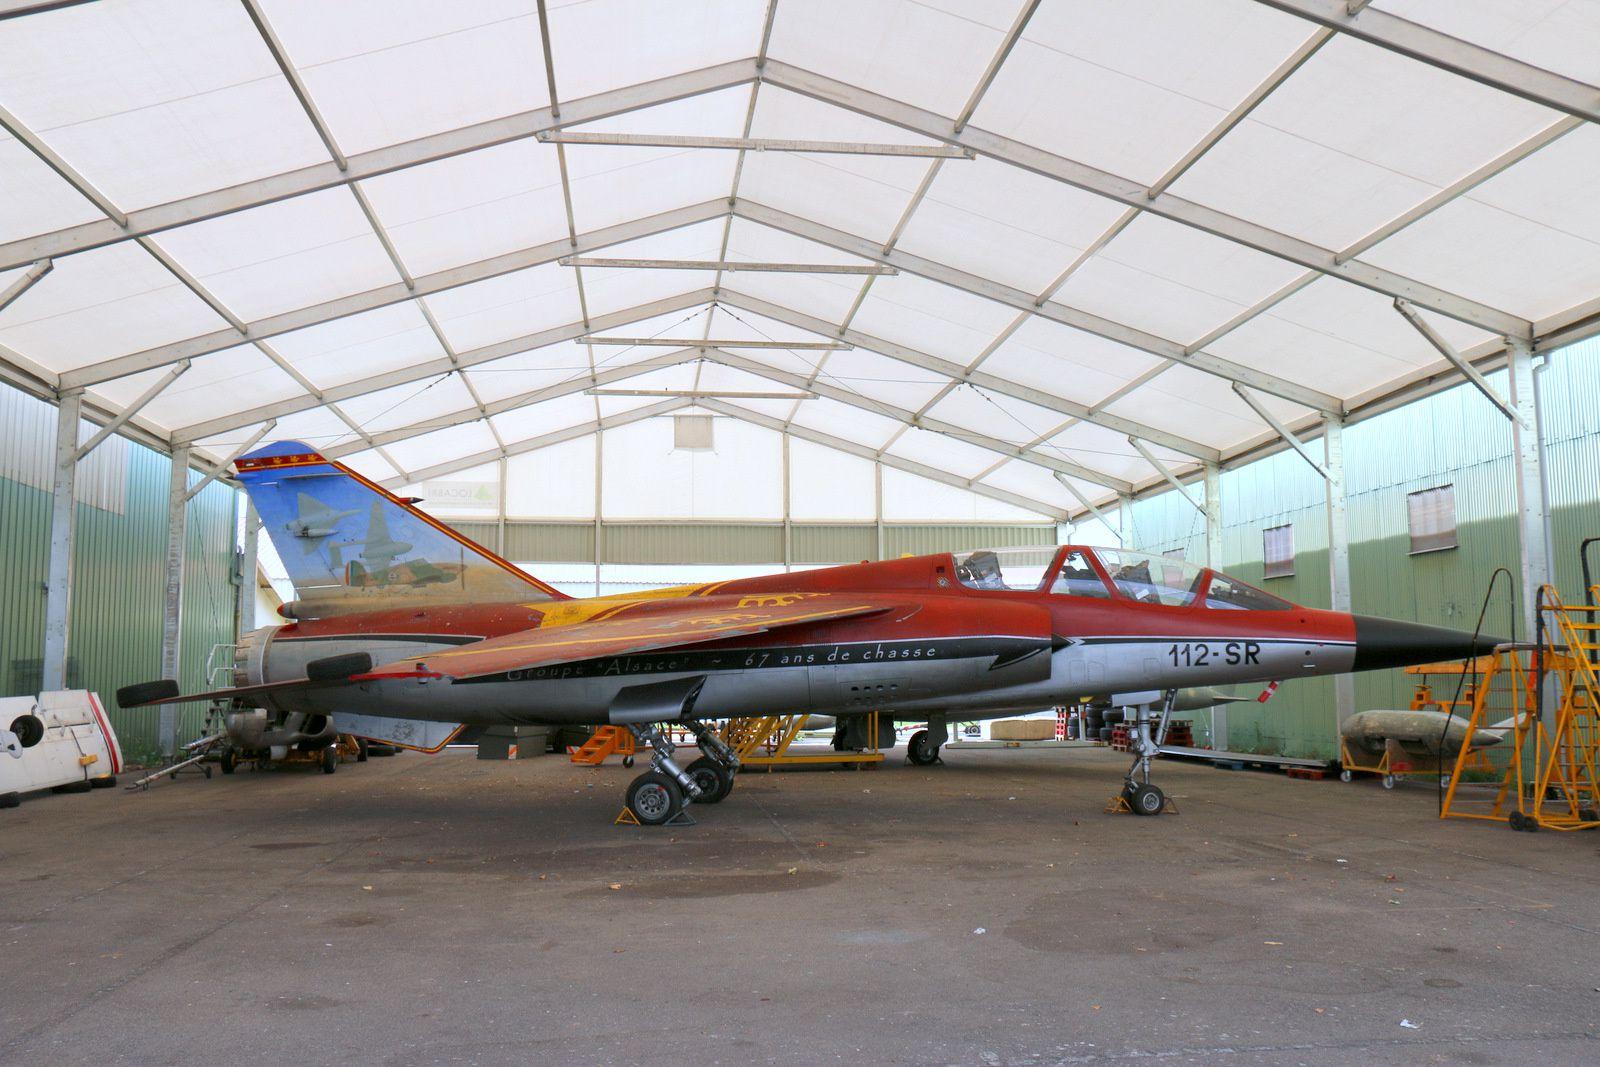 Mirage F1B du 1/30 Alsace porteur d'une décoration spéciale pour les 67 ans de l'escadron